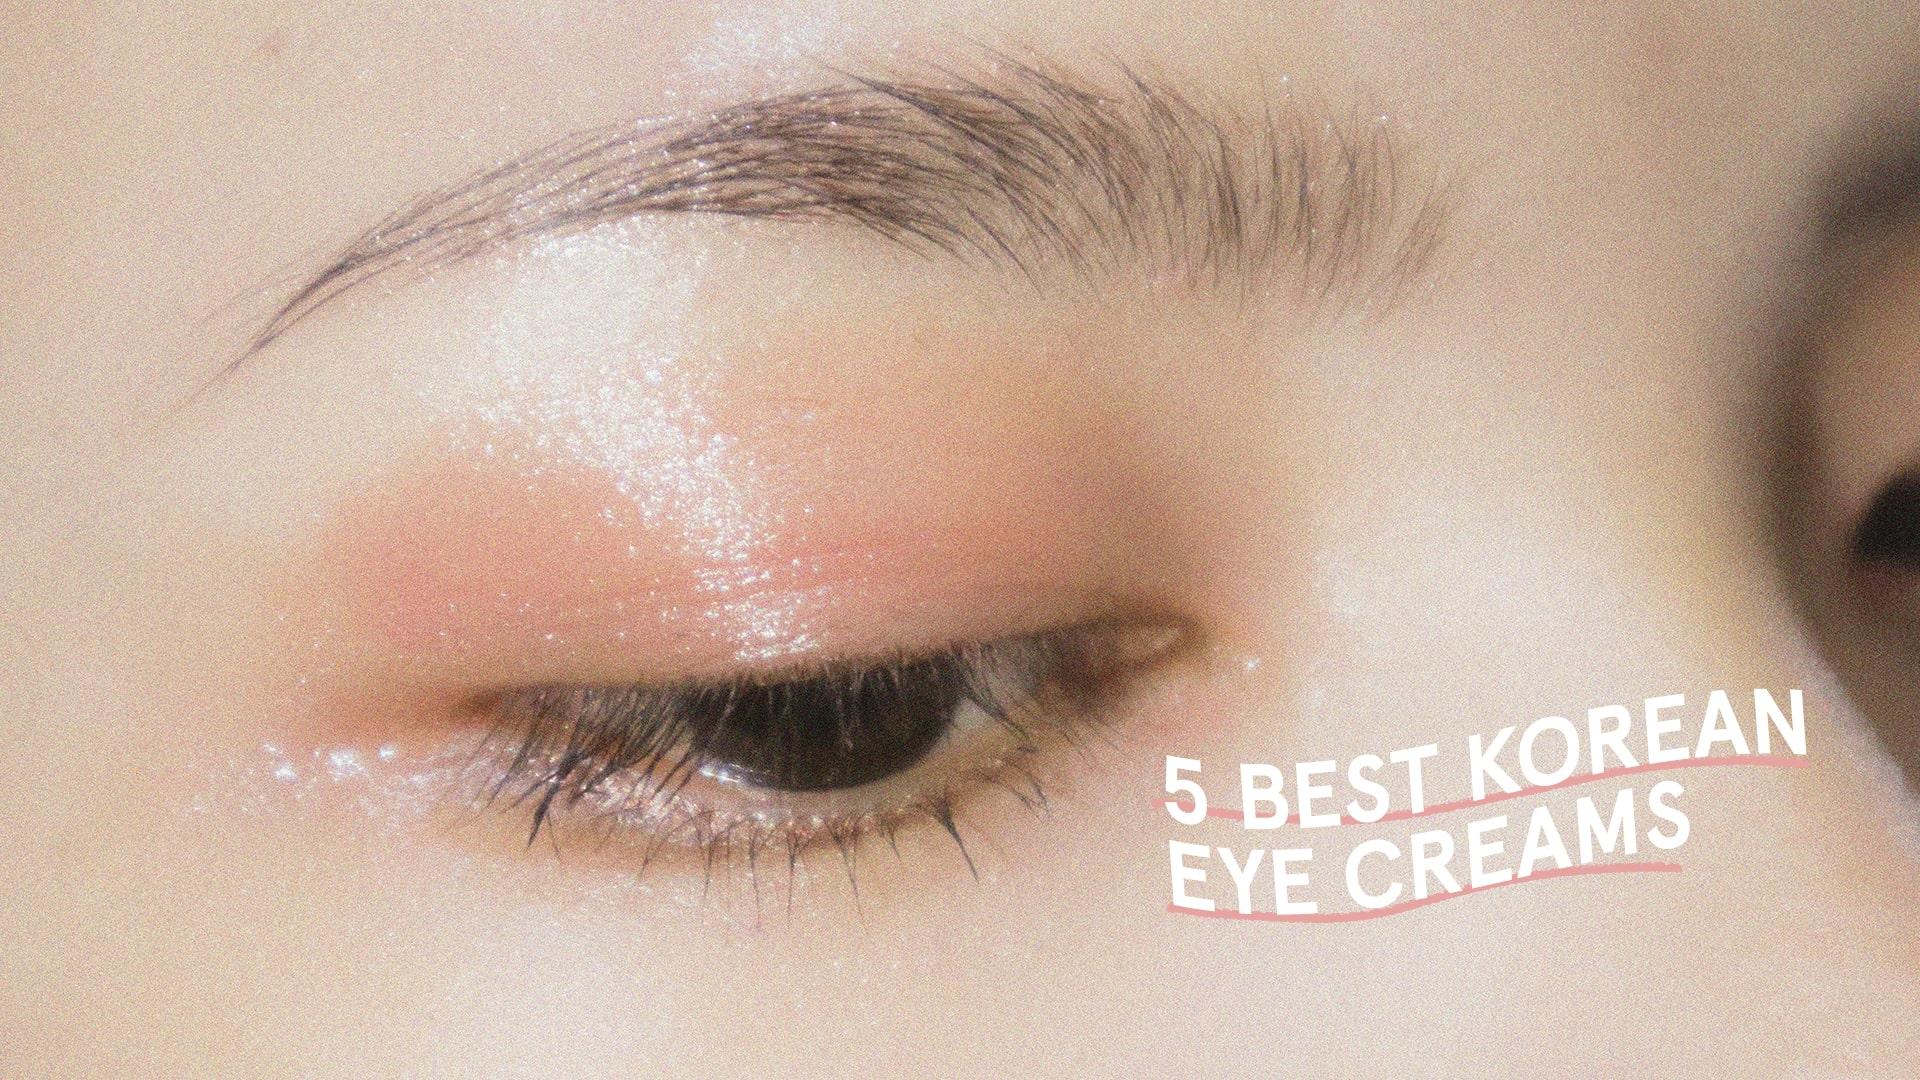 7 Best Korean Eye Creams For Dark Circles And Wrinkles